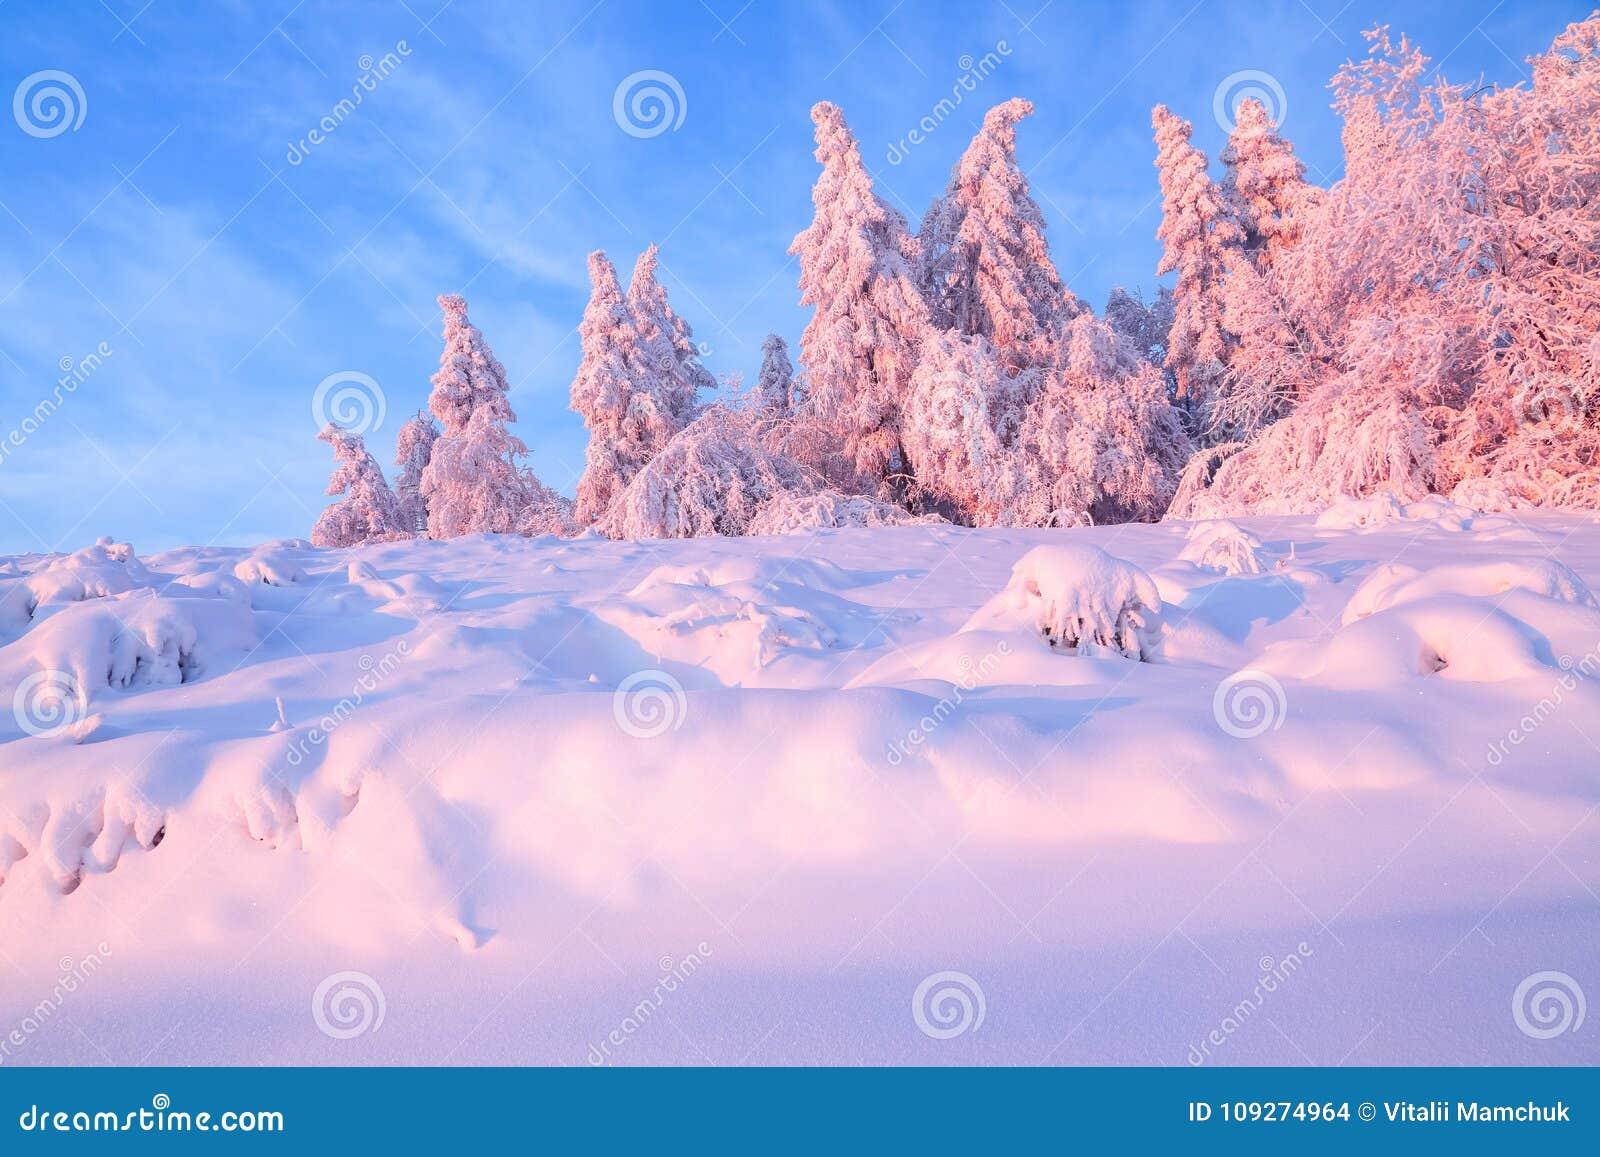 Die netten verdrehten Bäume, die mit starker Schneeschicht bedeckt werden, erleuchten rosafarbenen farbigen Sonnenuntergang am sc